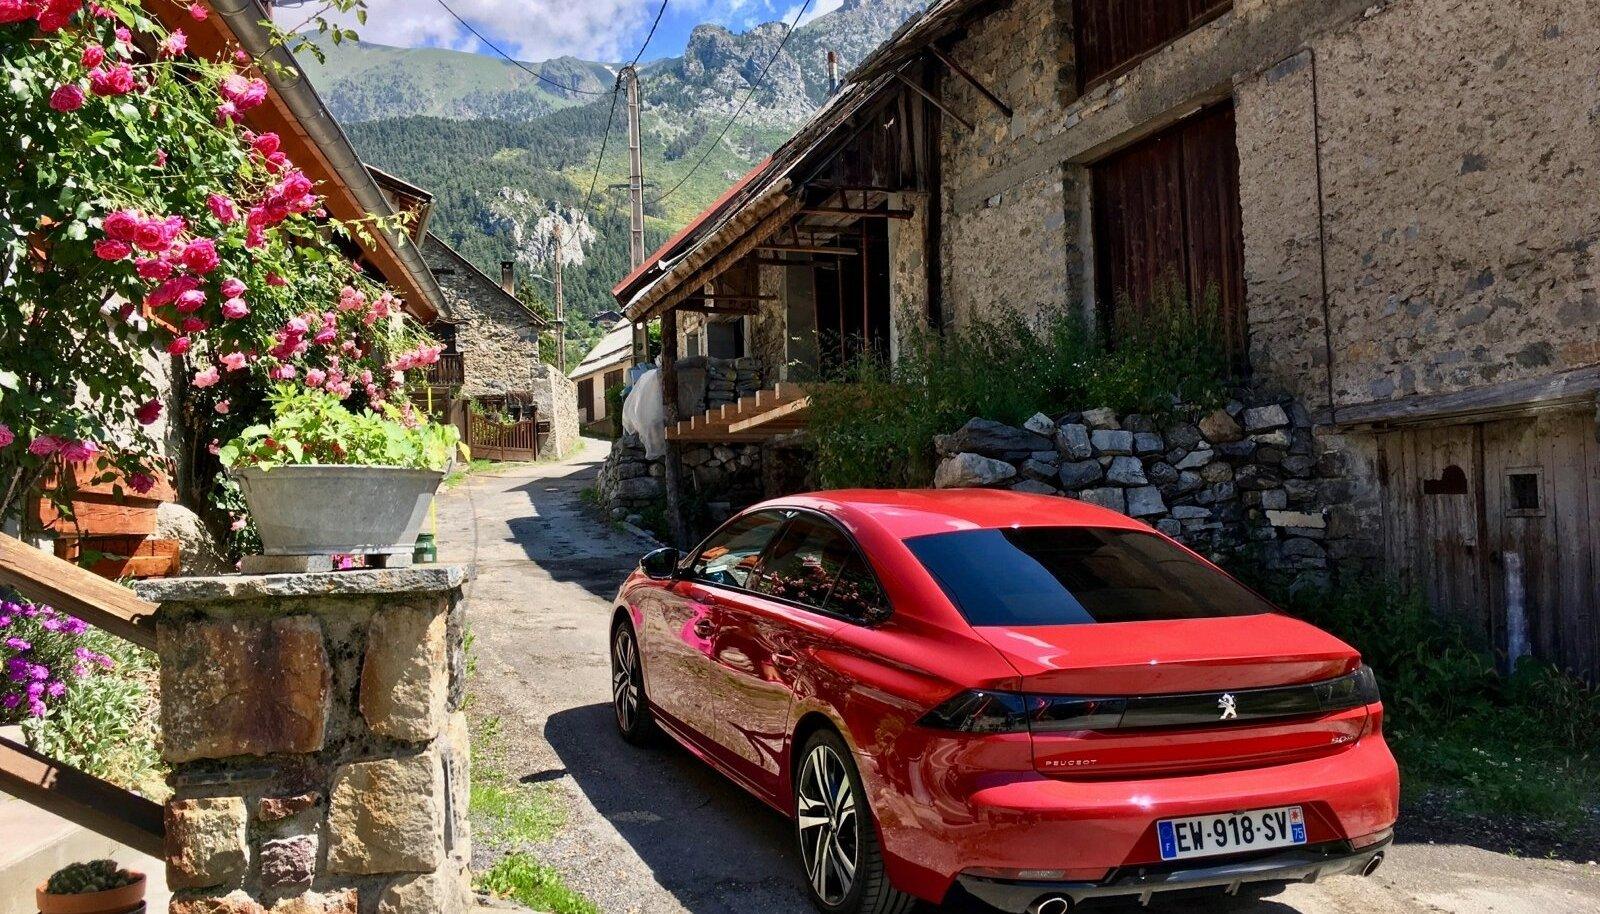 BlueHDi mootorid saavad hakkama väiksema kütusekuluga ja paiskavad õhku minimaalselt heitmeid. Sellest hoolimata suudavad nad auto panna reipalt veerema. Fotol Peugeot 508